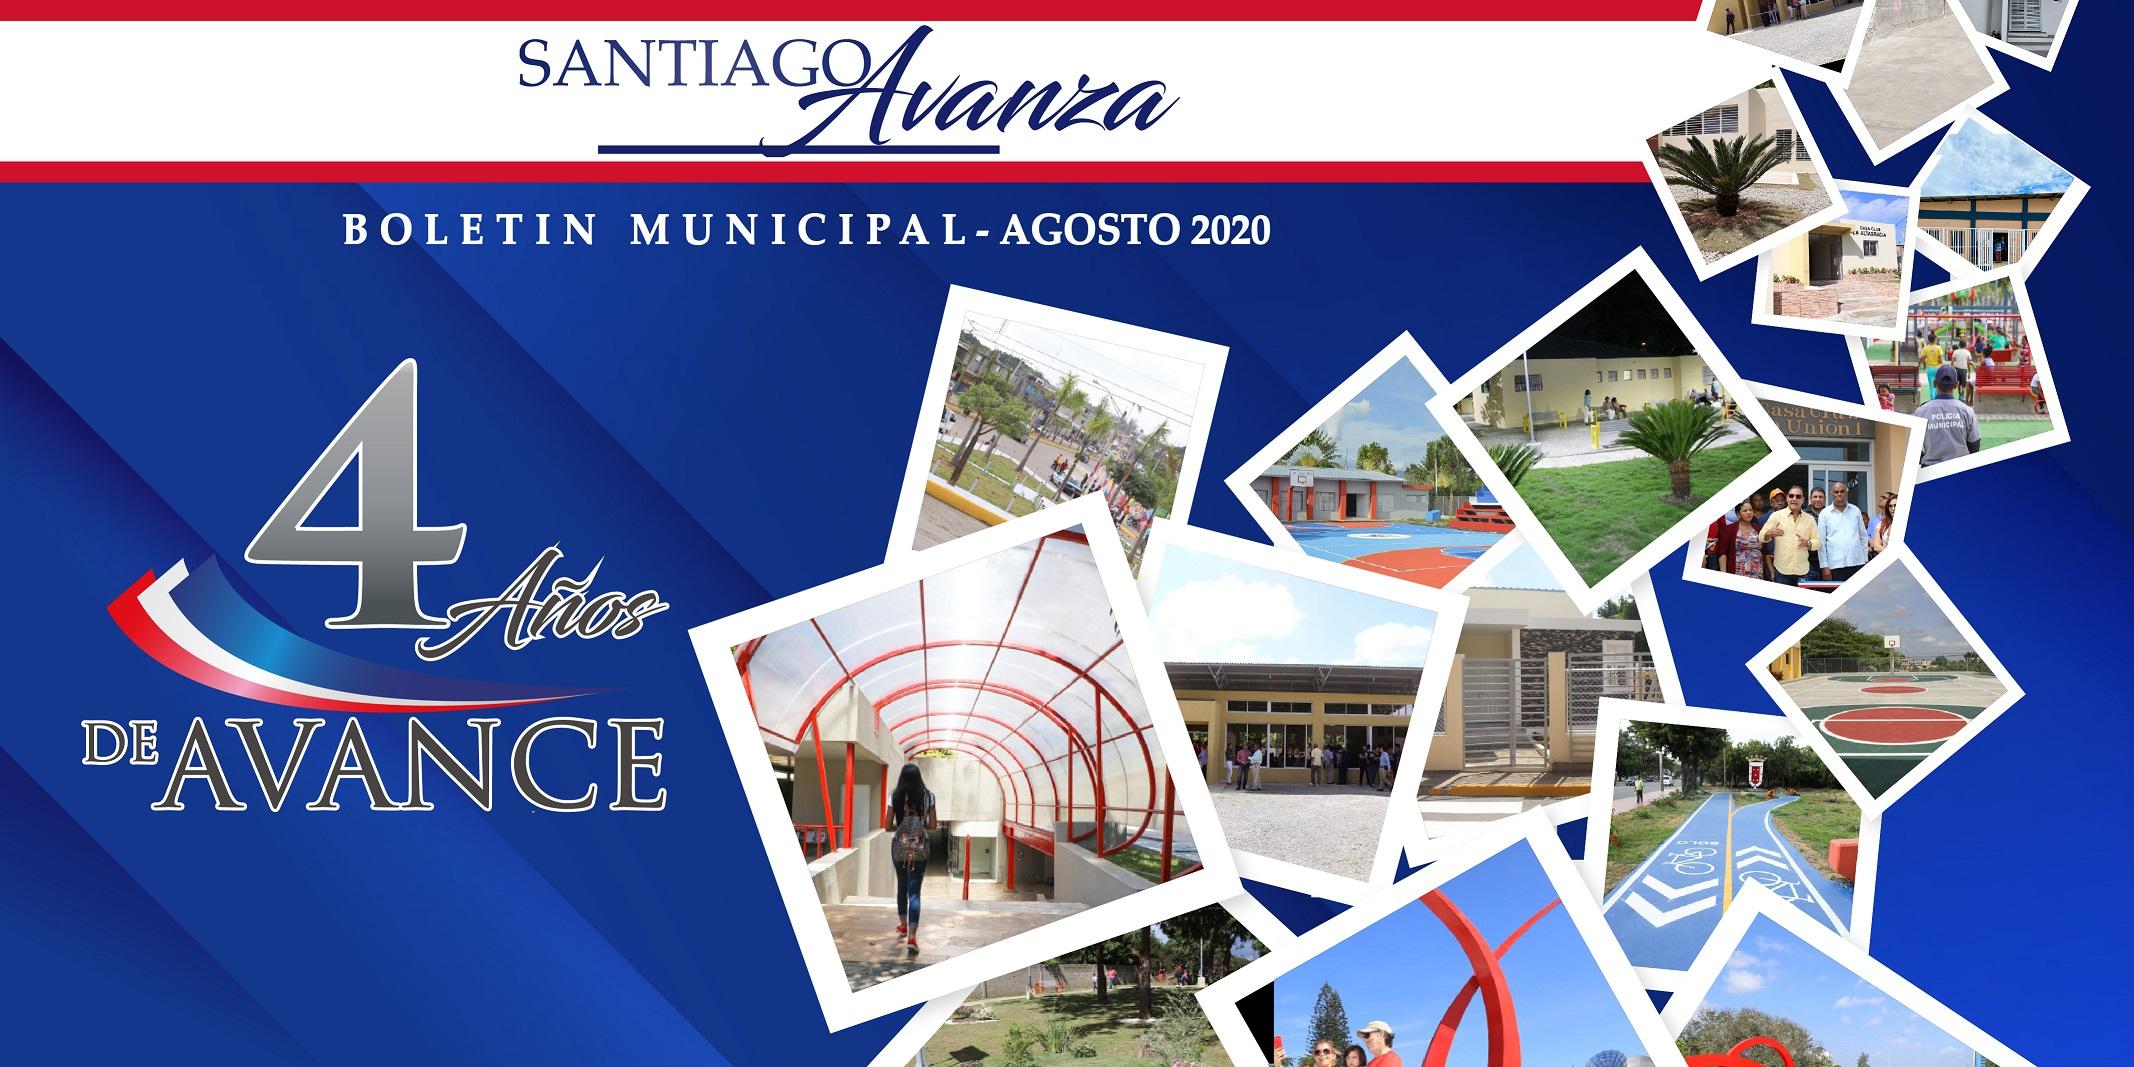 Boletín Municipal Ayuntamiento Santiago Agosto 2020